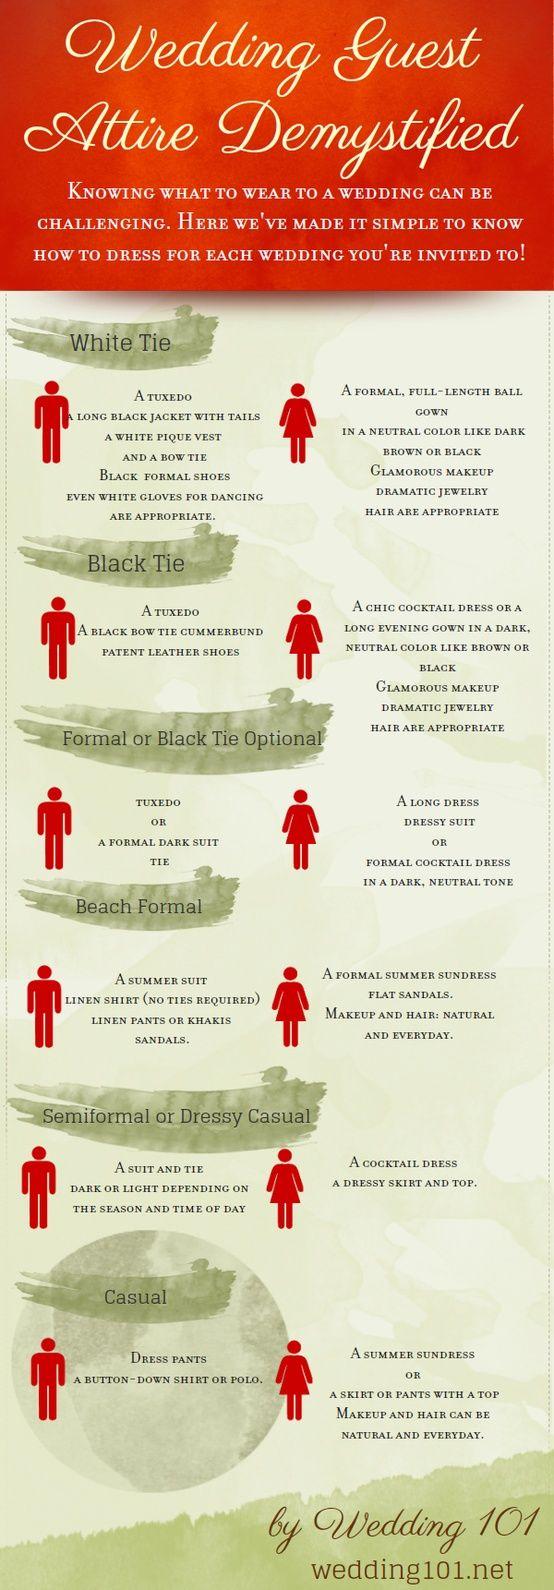 Wedding Guest Attire Demystified: An Infographic